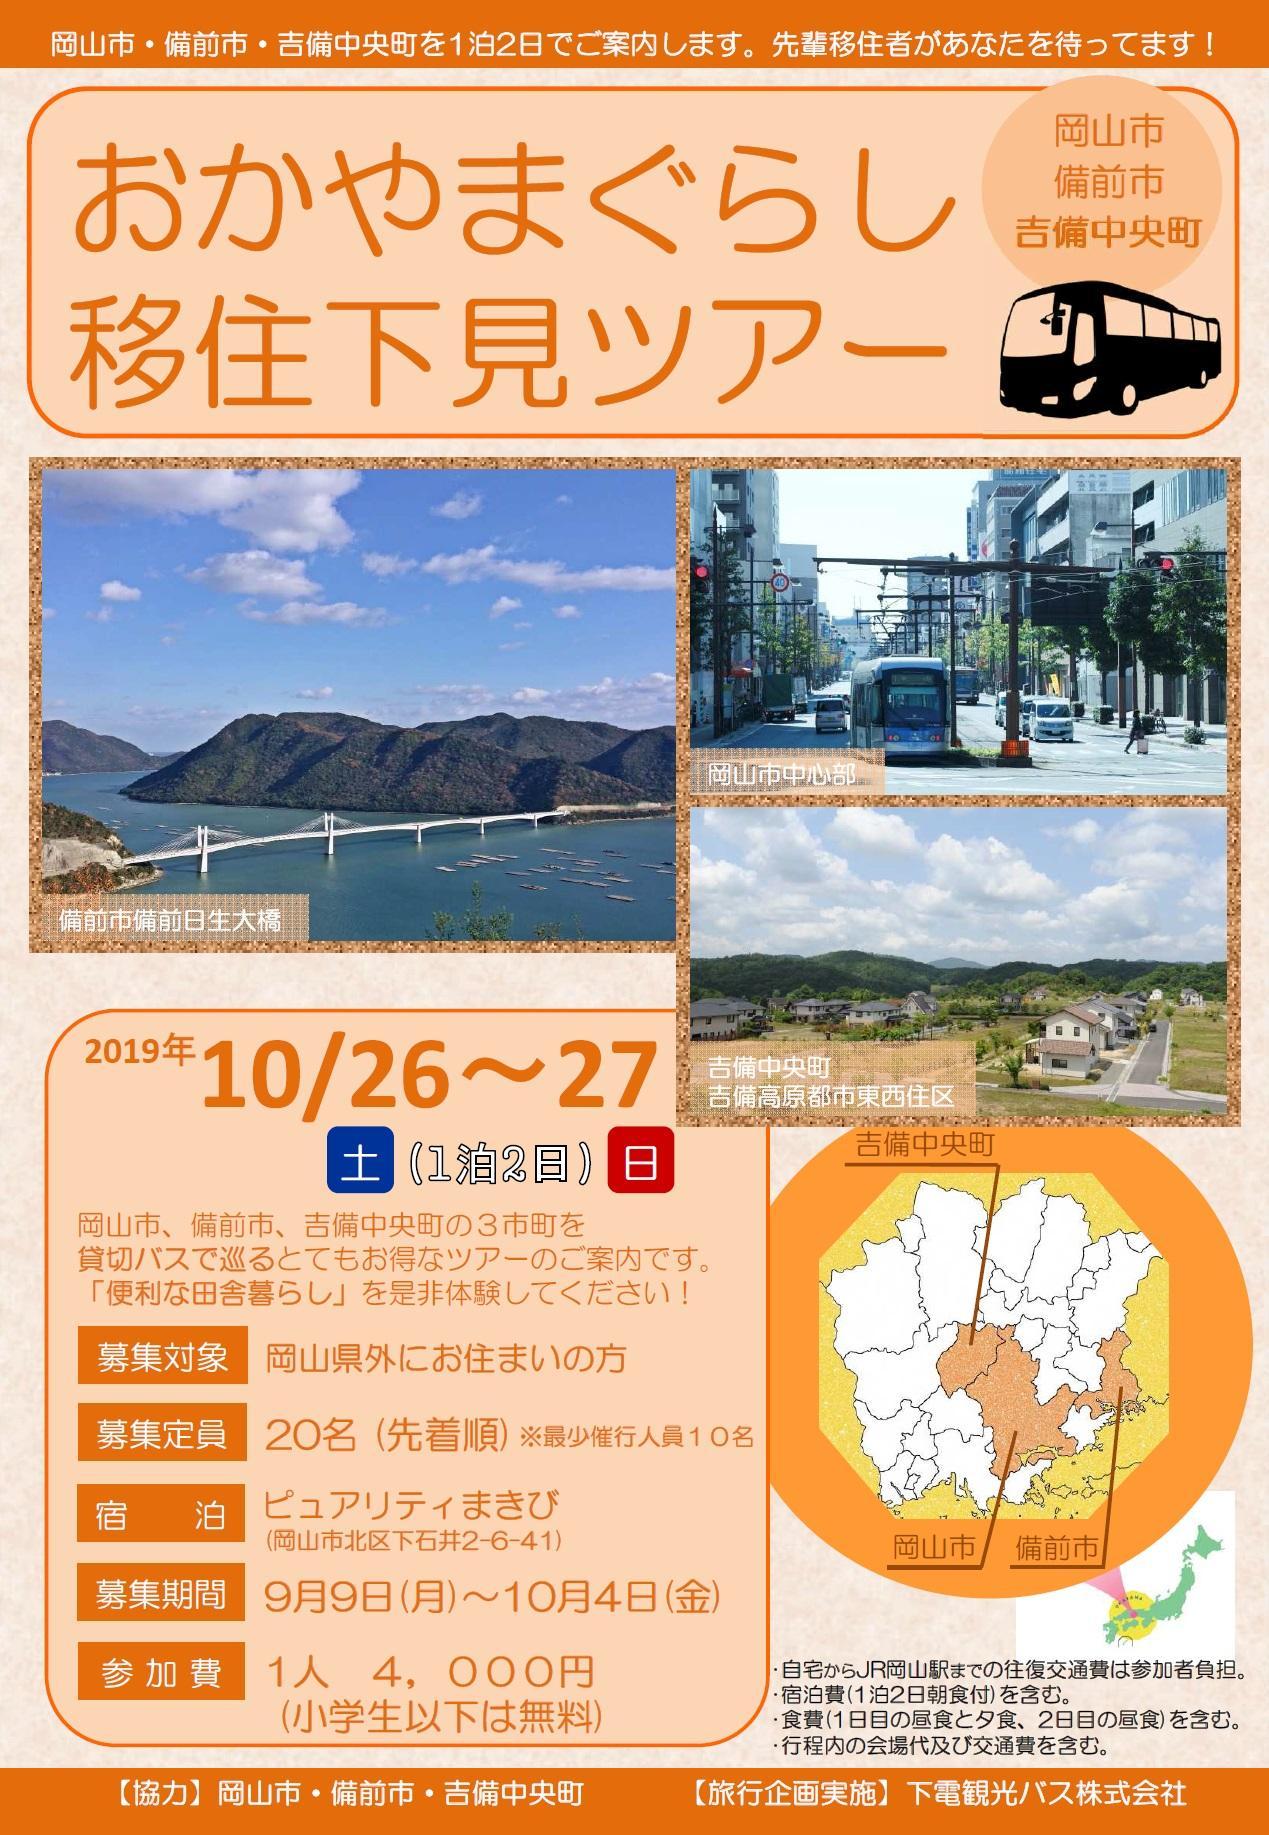 【募集受付終了】10月26日、27日開催!おかやまぐらし移住下見ツアーのご案内